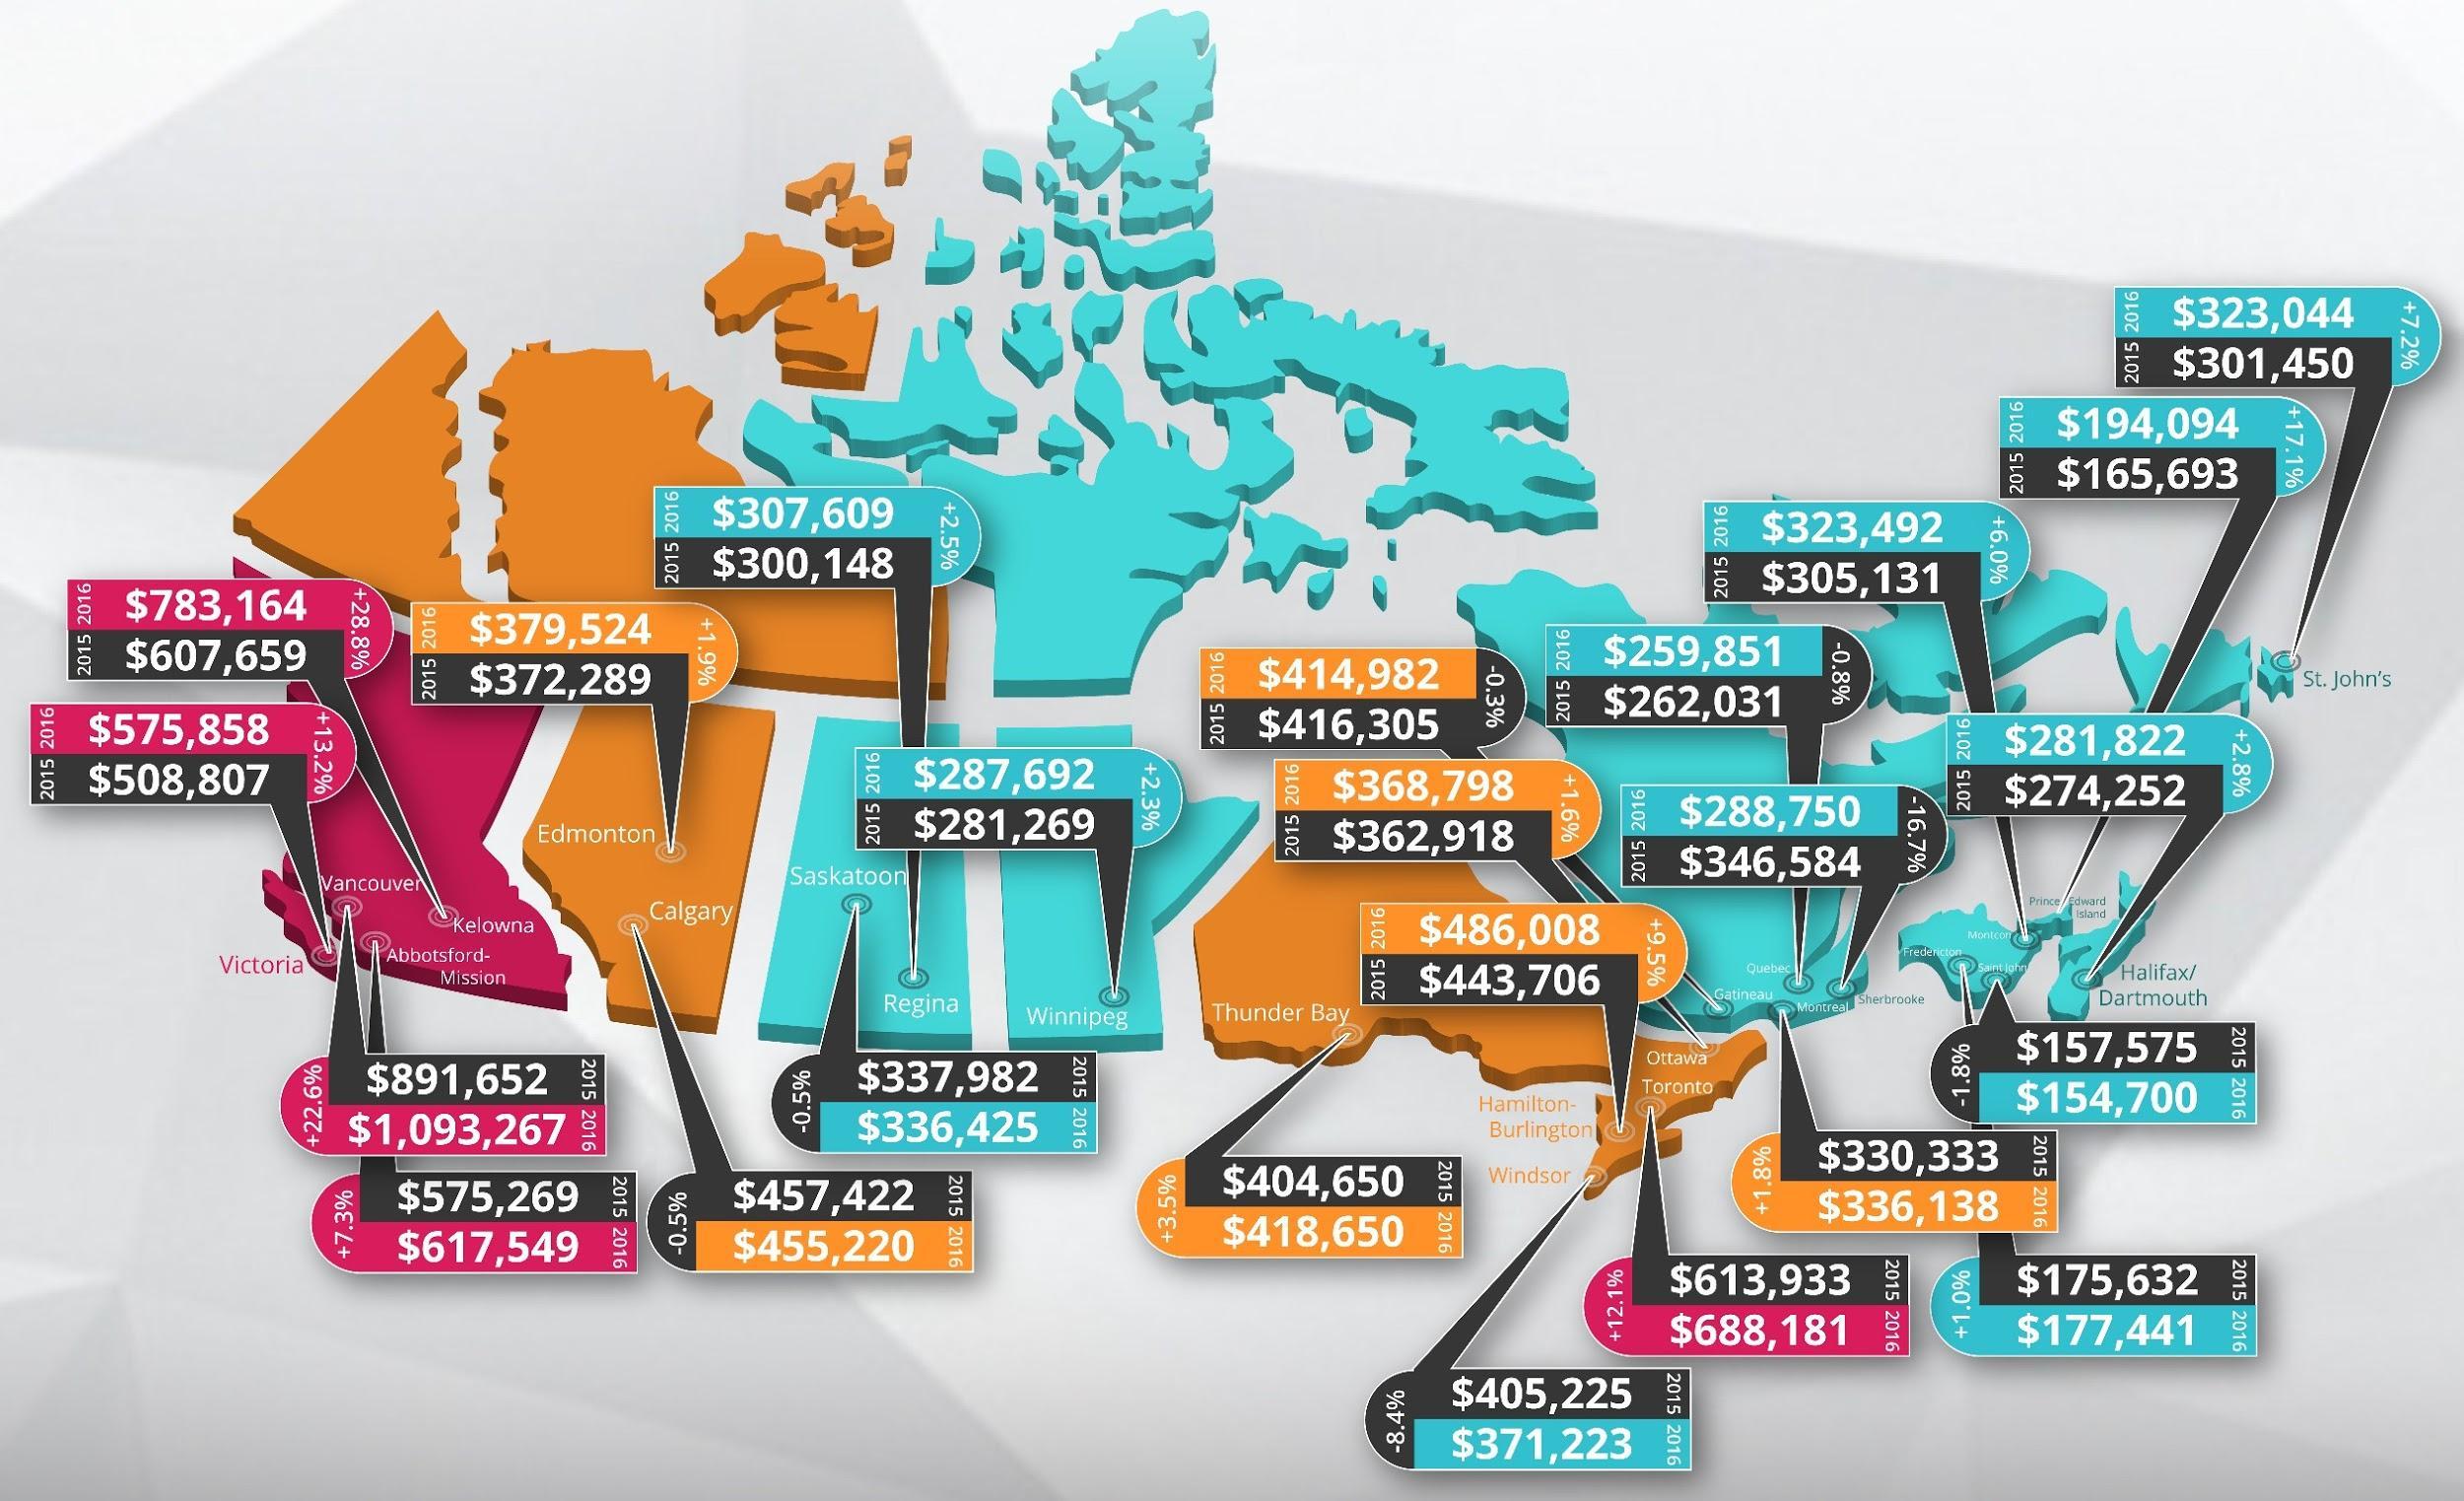 Tìm hiểu kỹ về giá cả và giá trị ngôi nhà ở Canada trước khi mua